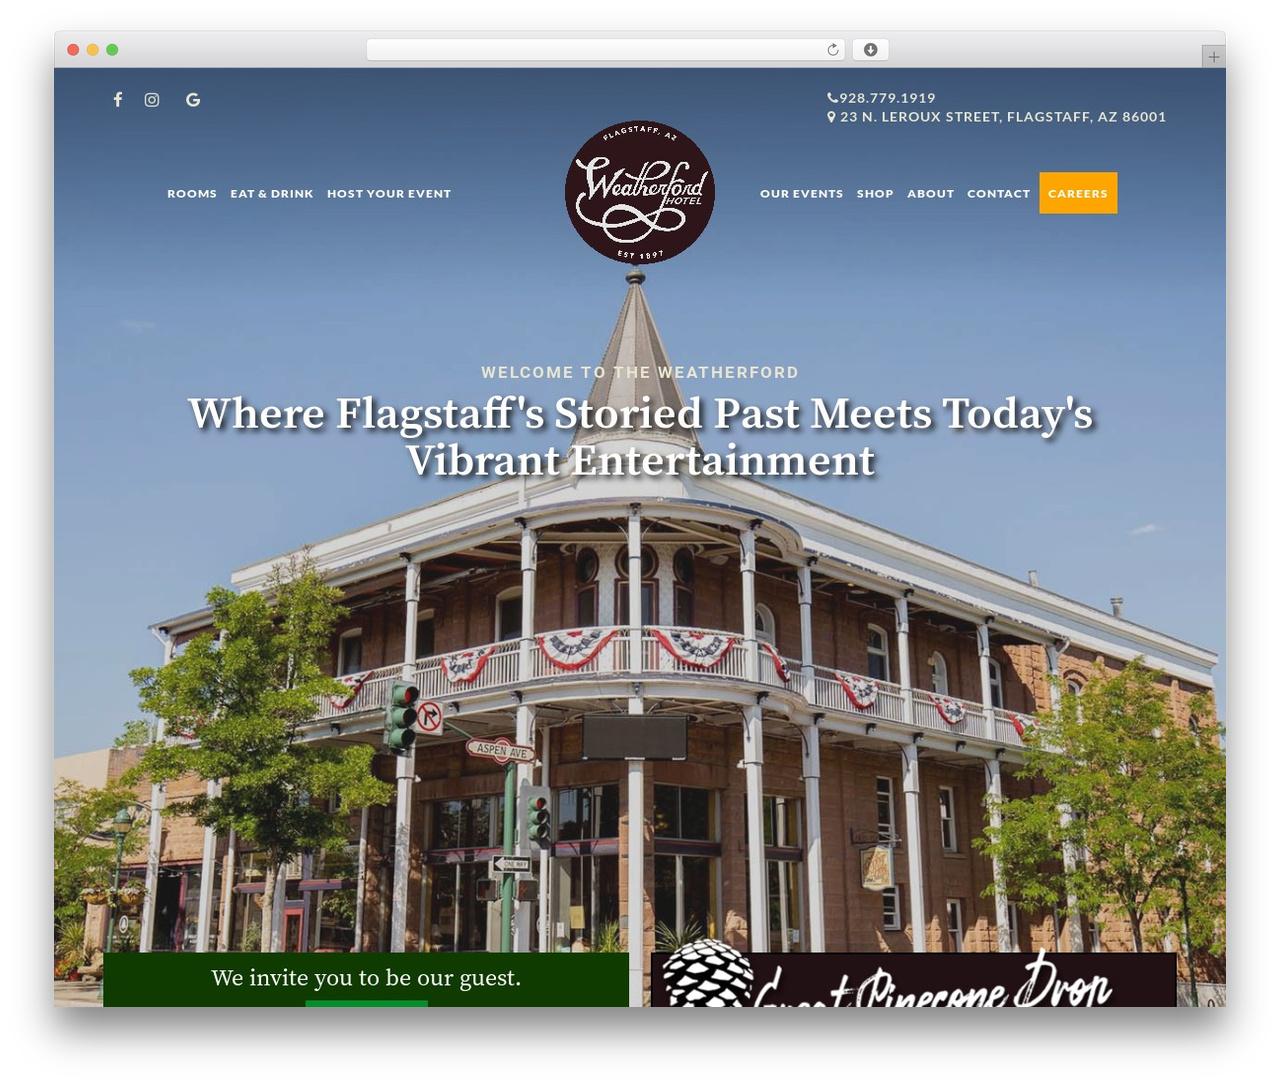 Grandium best hotel WordPress theme - weatherfordhotel.com